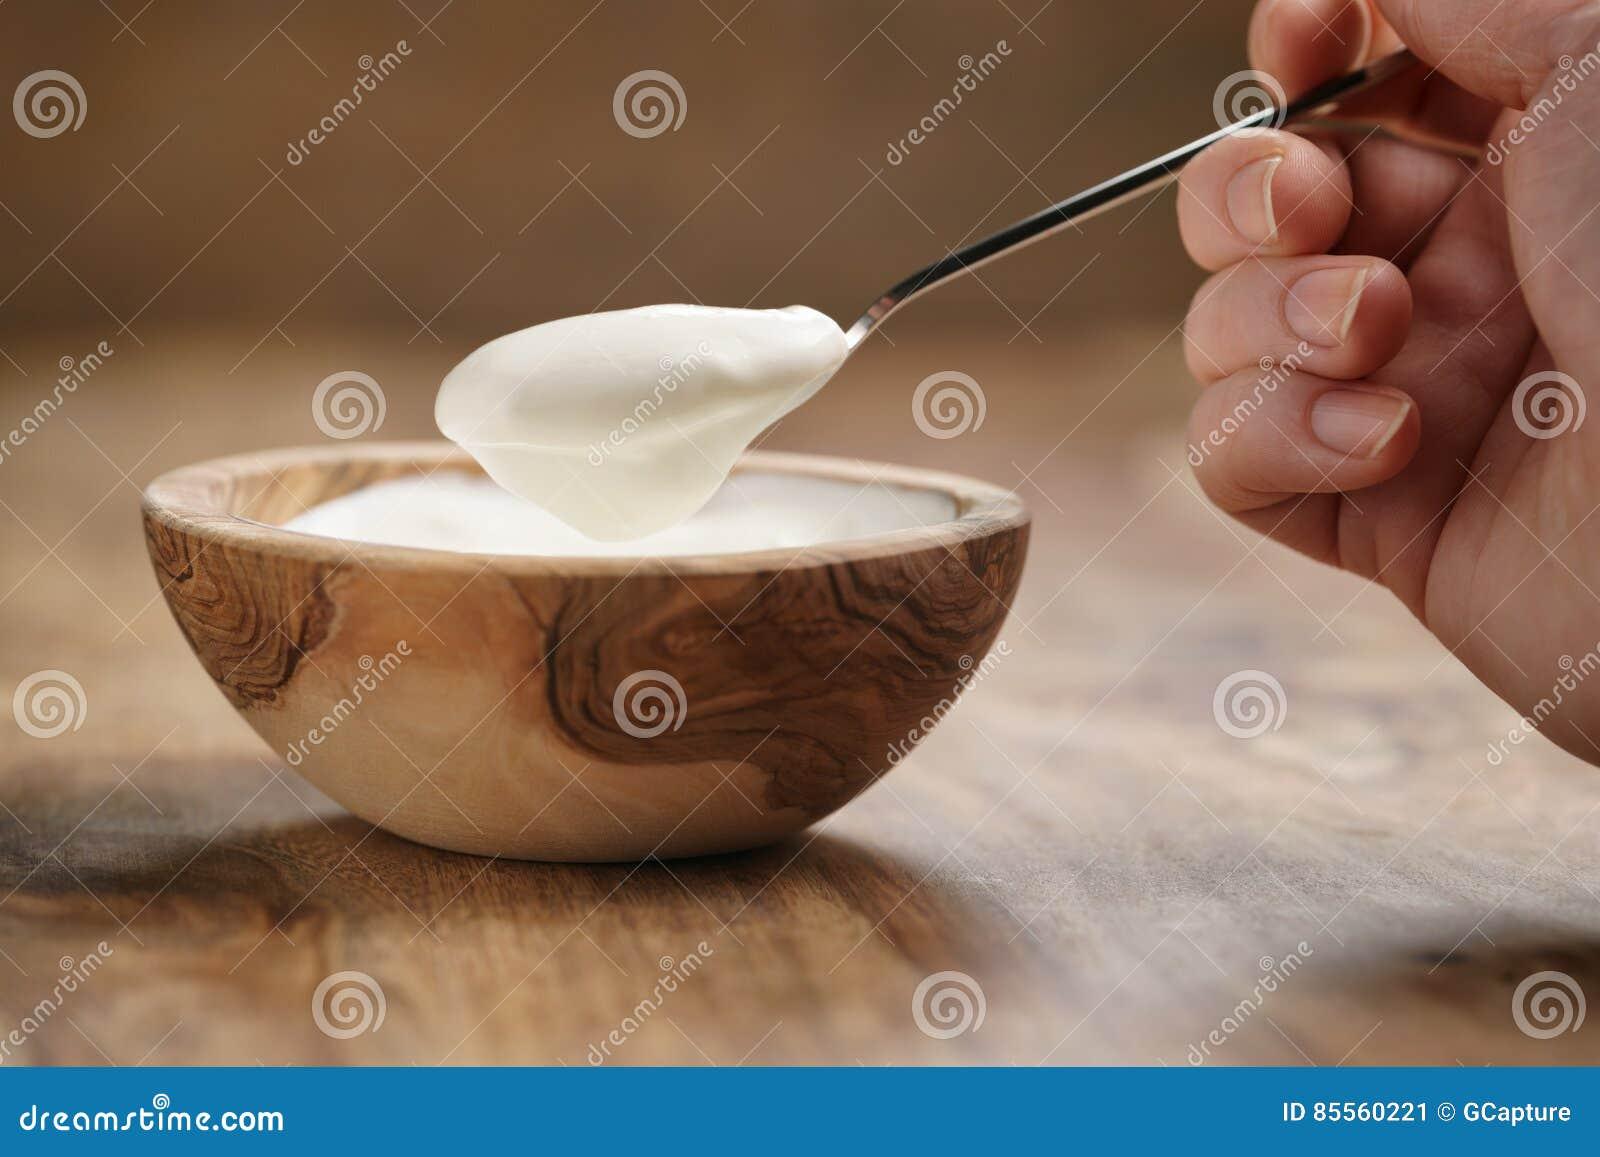 Essen des organischen Joghurts mit Löffel von der hölzernen Schüssel